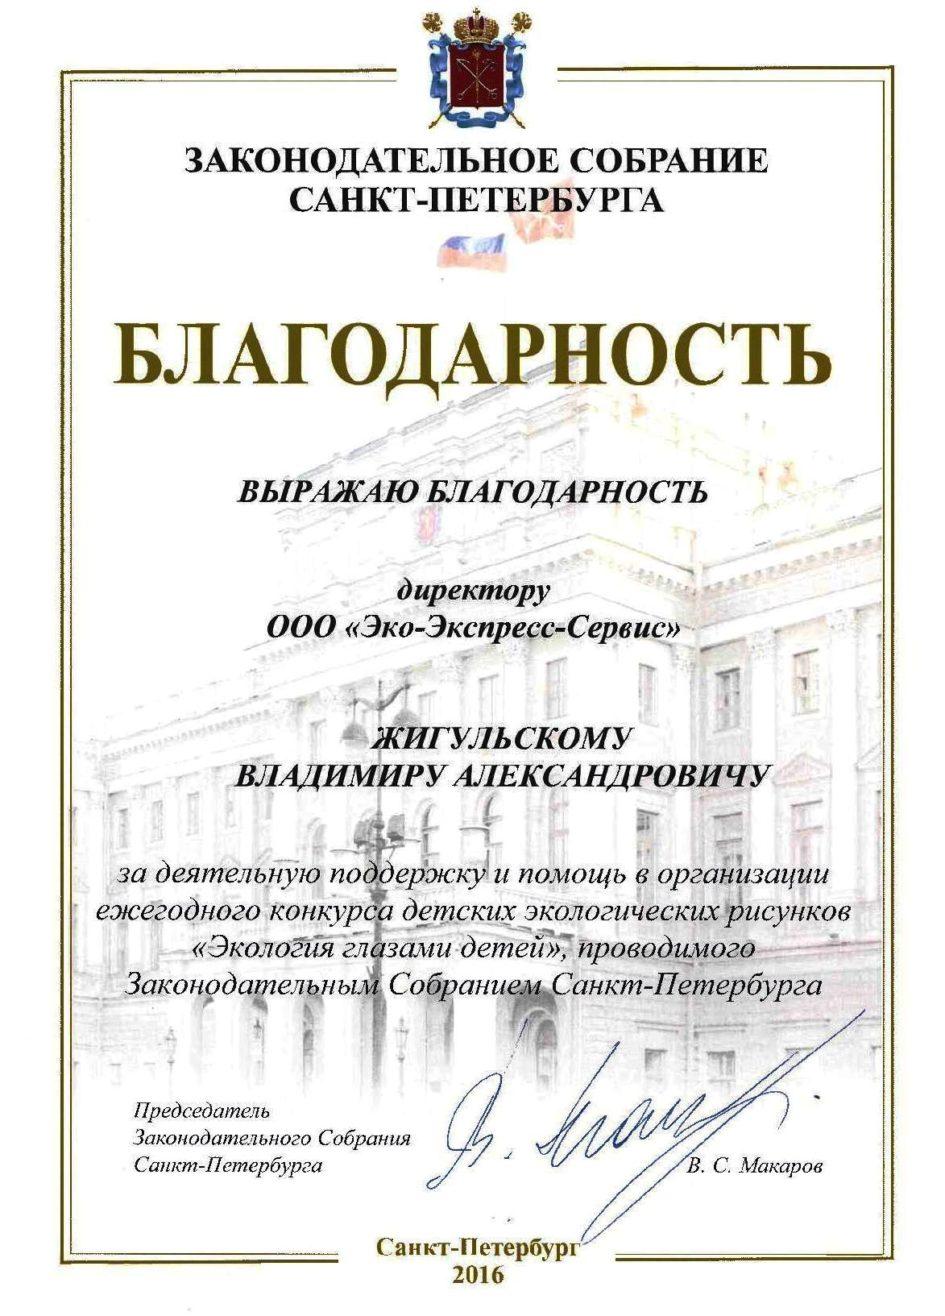 ZAKS  Blagodarnost Zigulskiy 2016